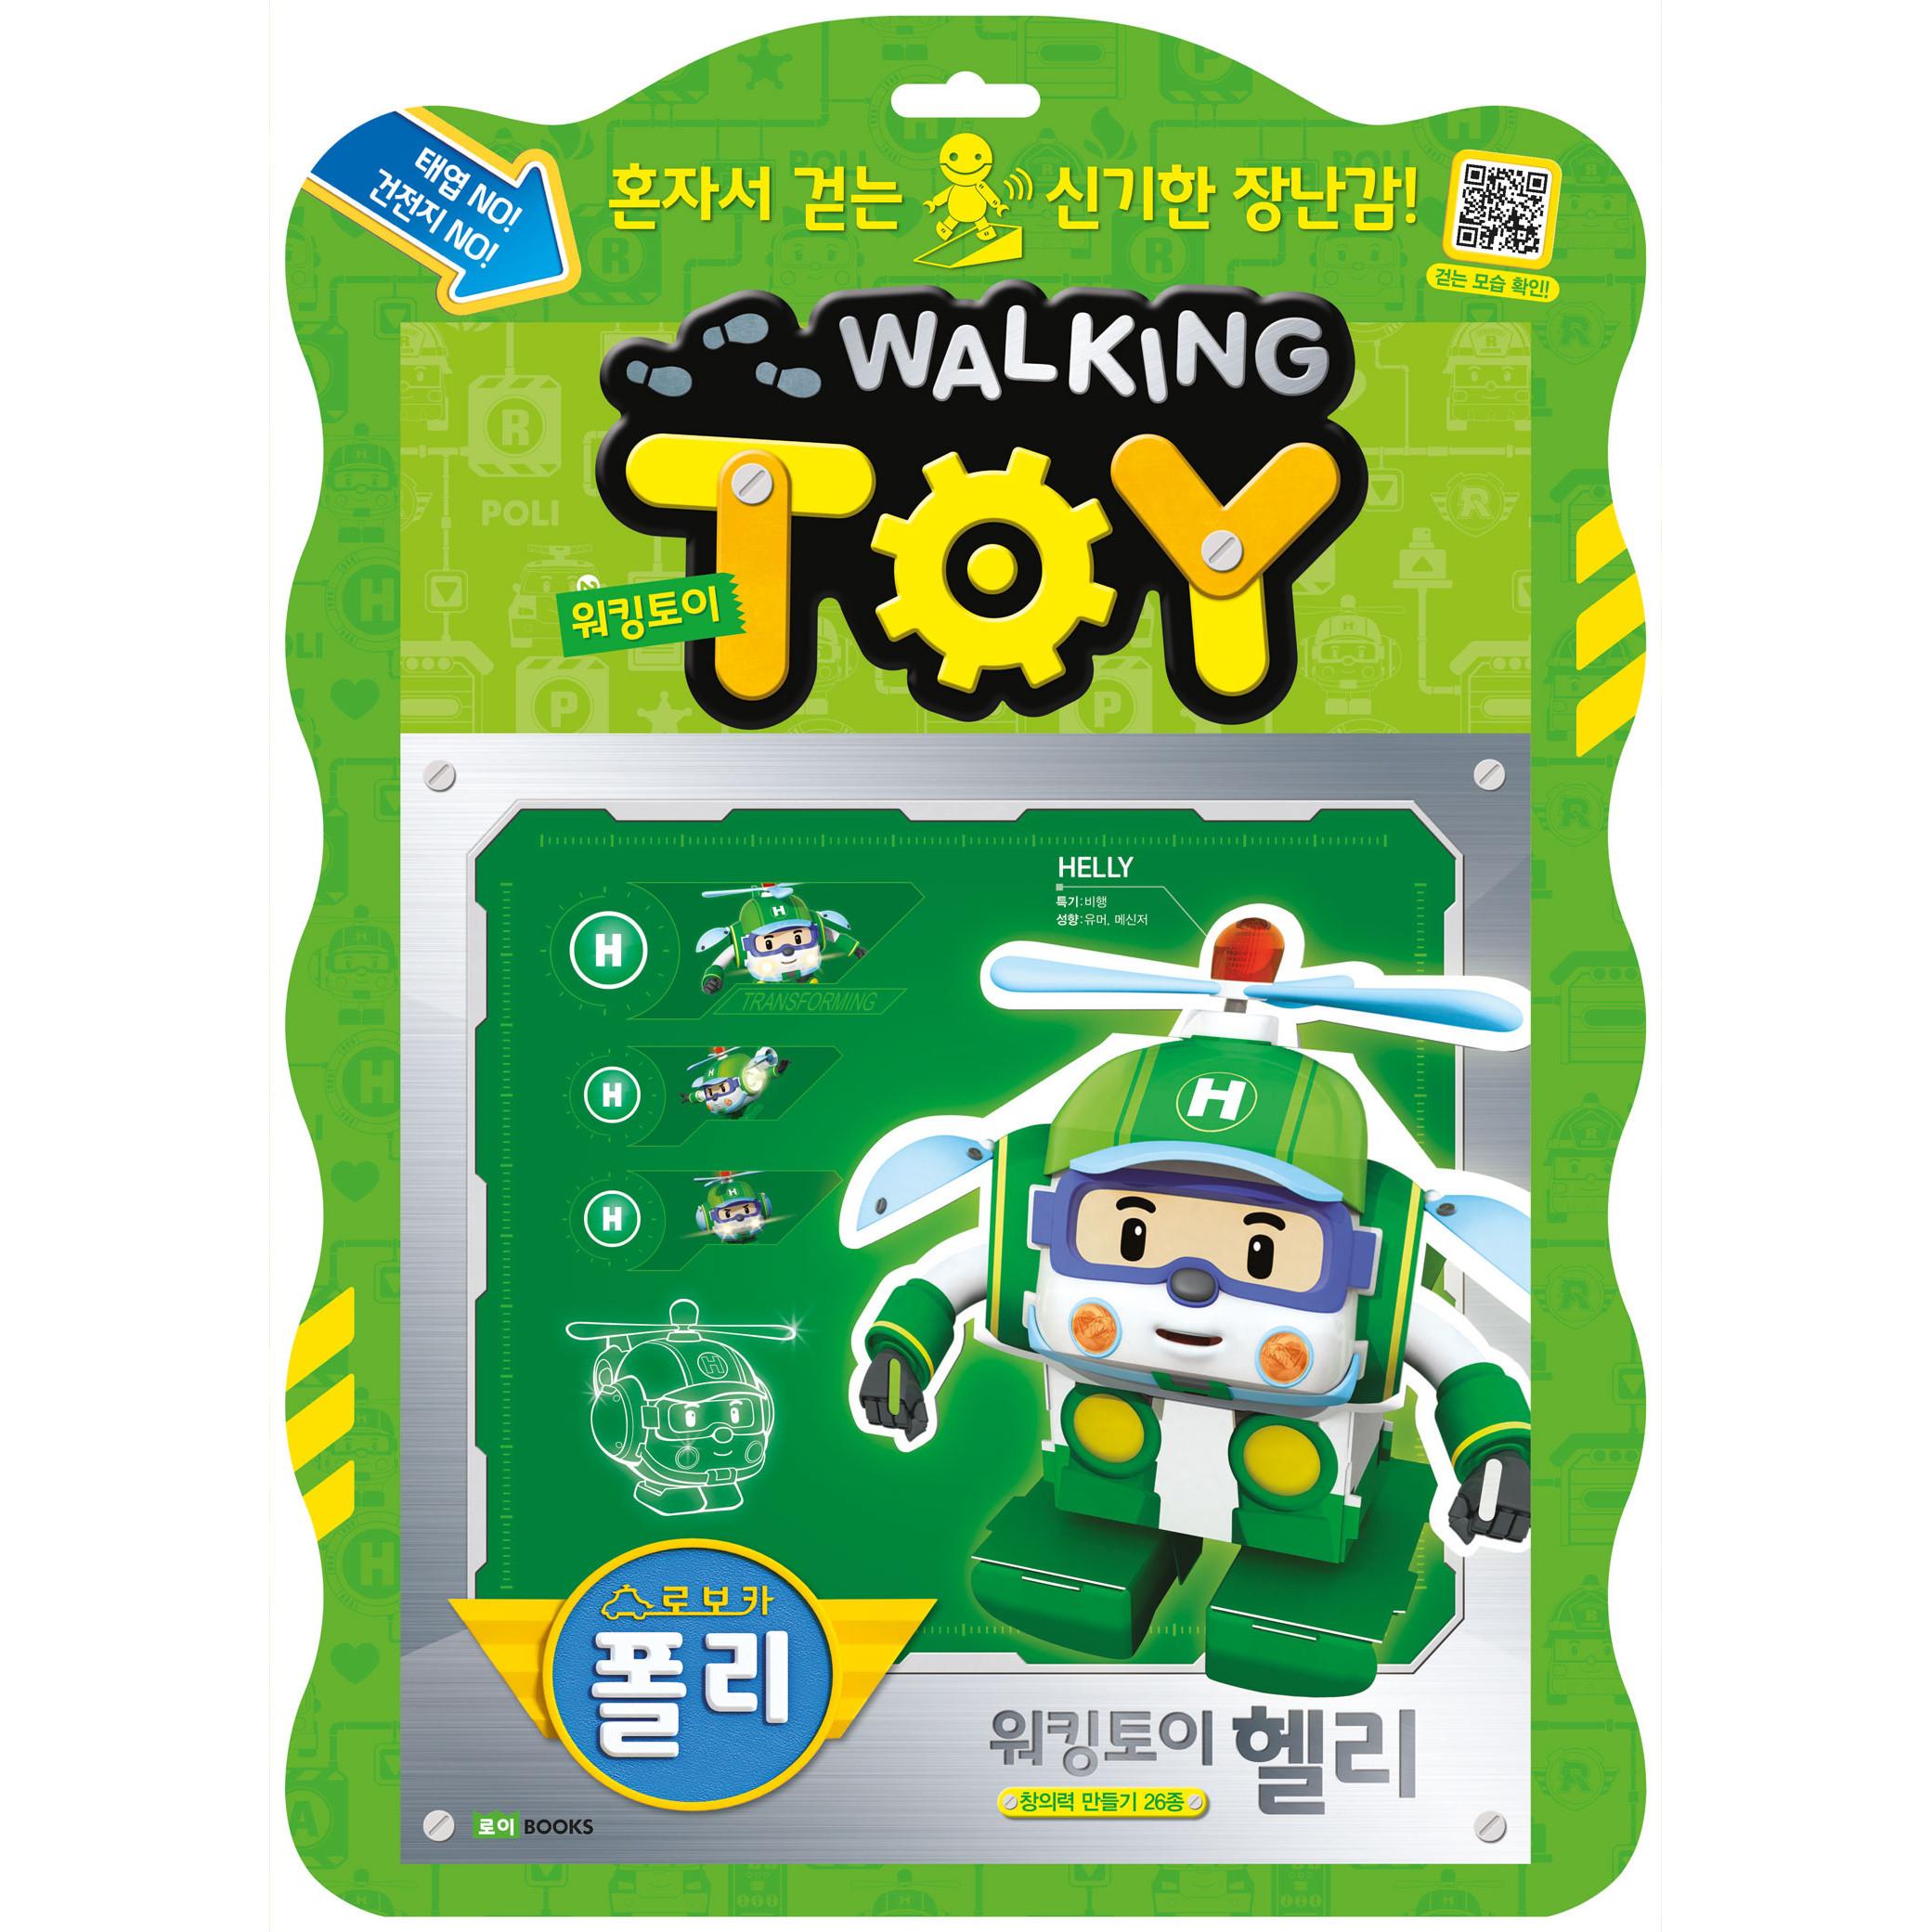 Mô hình giấy di chuyển không động cơ Walking toy từ Hàn Quốc